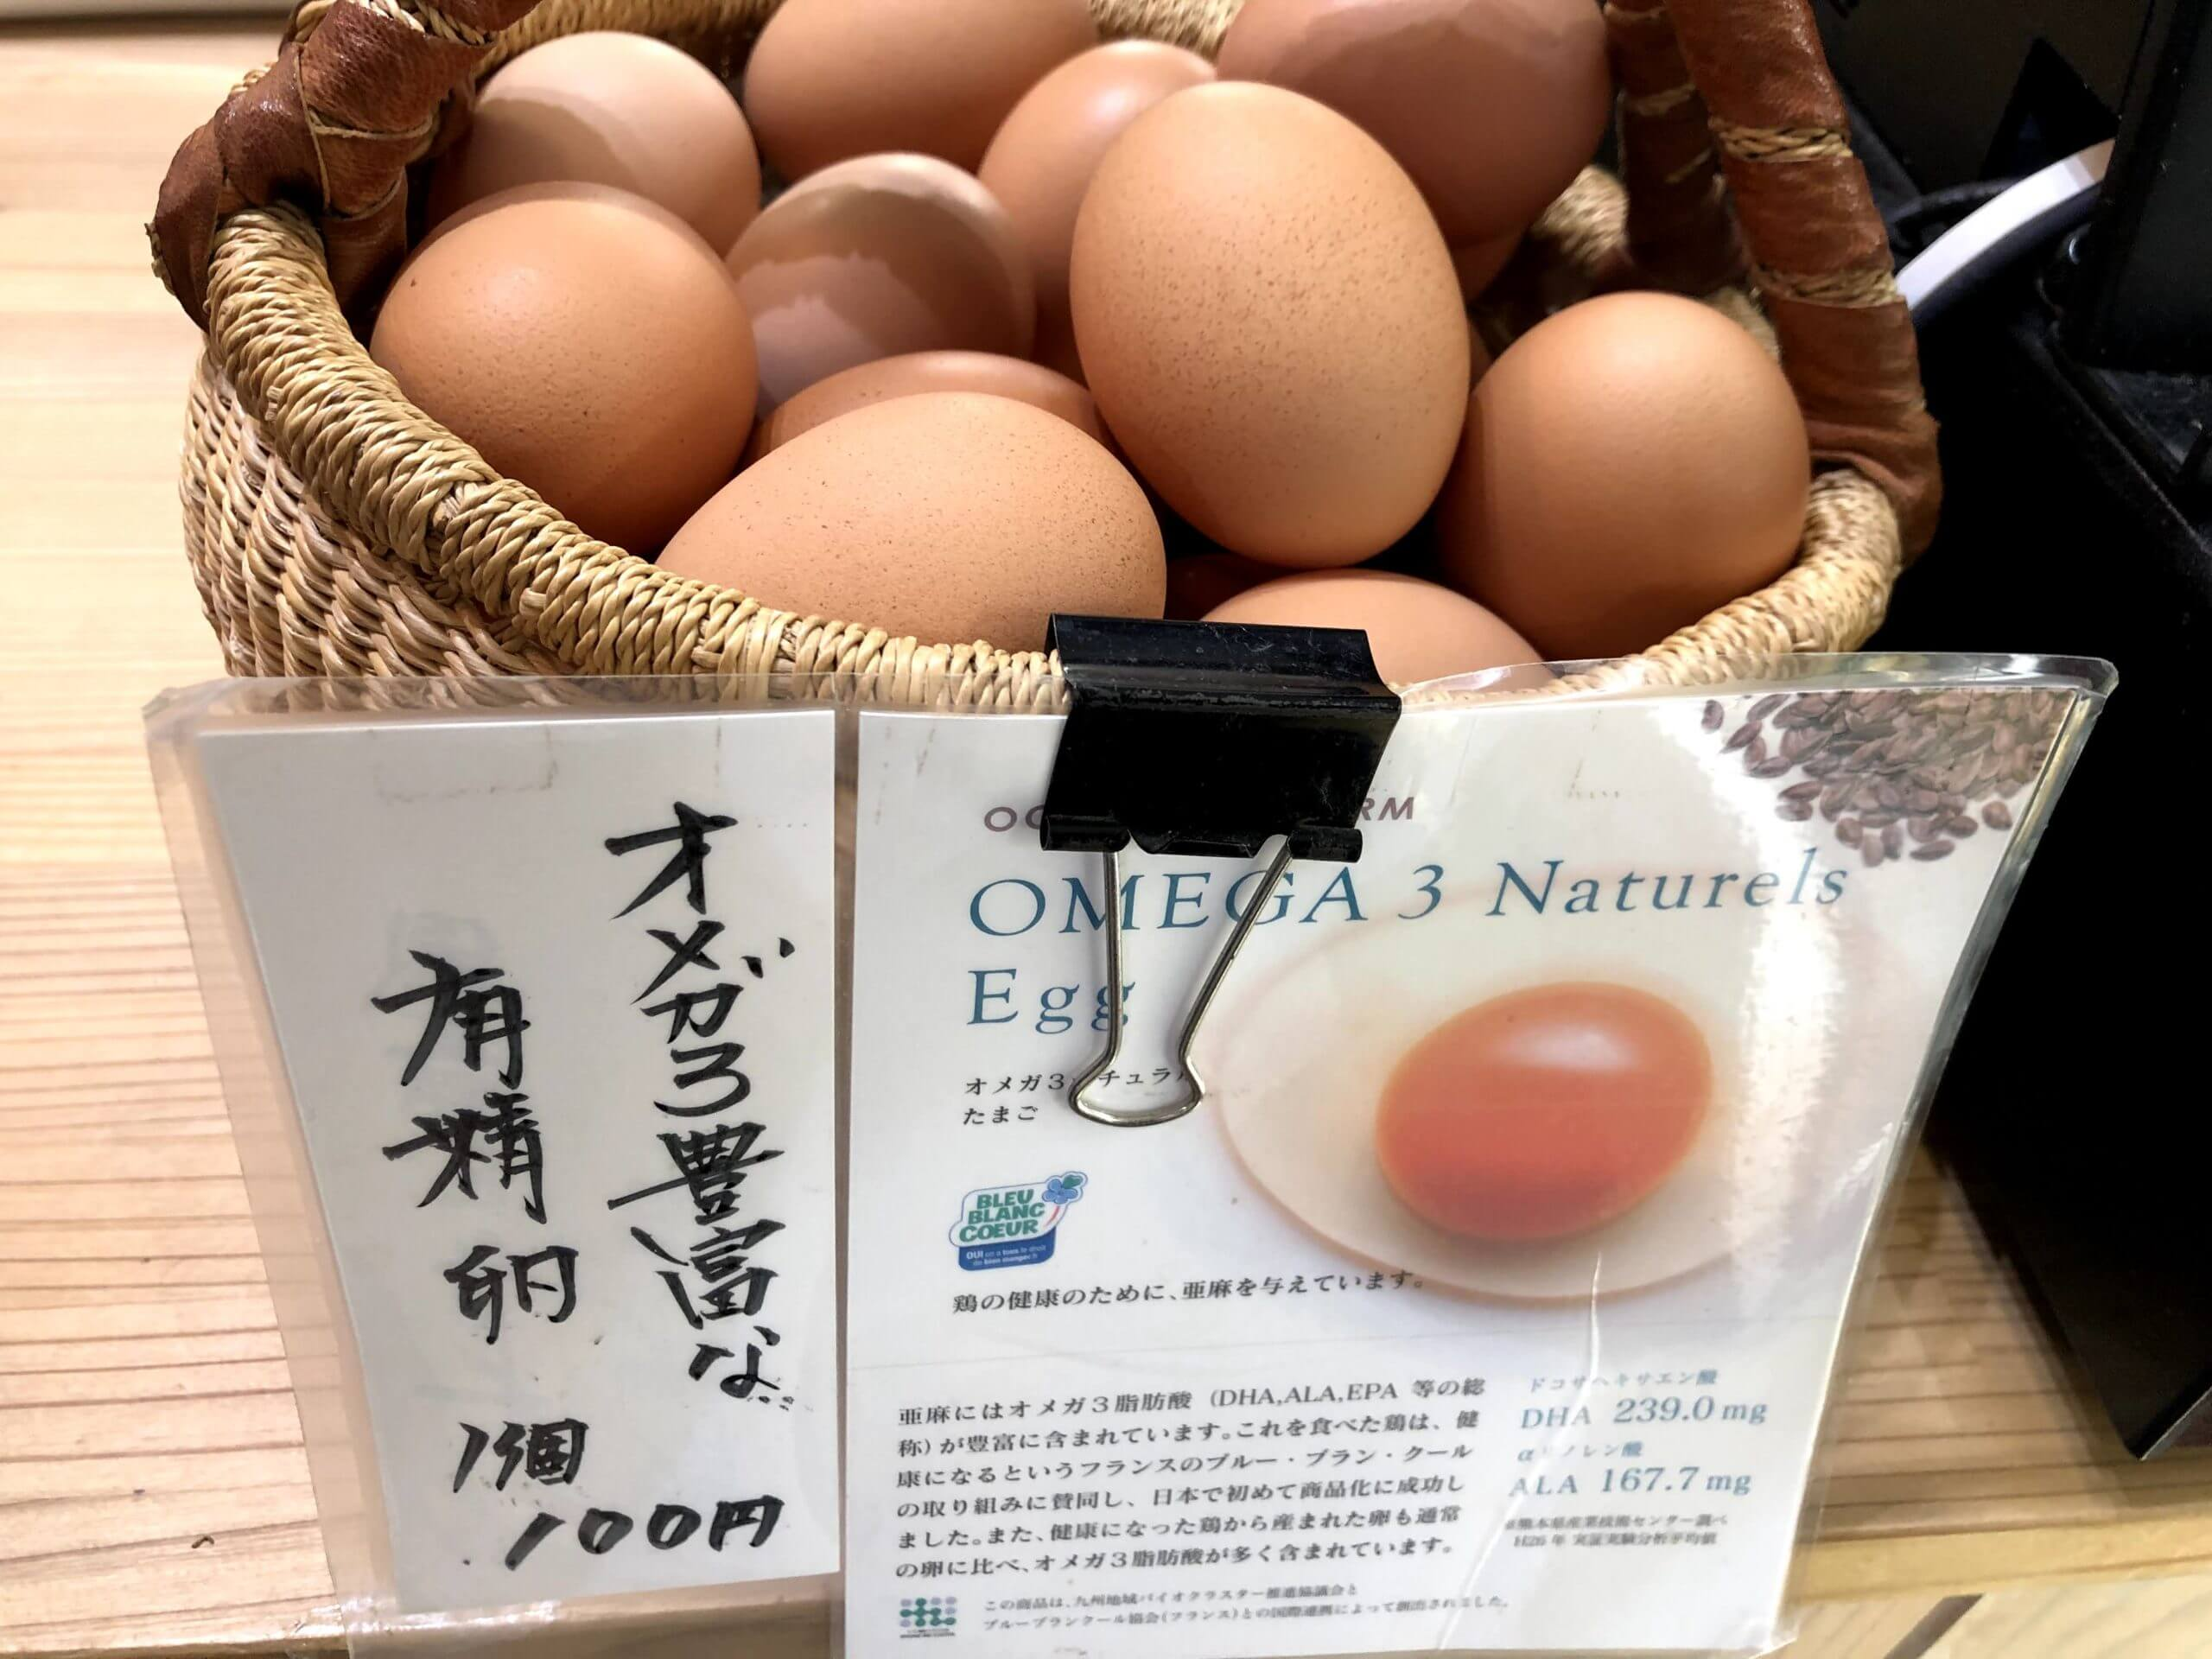 【おがたエッグファーム ファーム店】ここでしか手に入らない究極の卵がうますぎた《熊本県合志市合生》